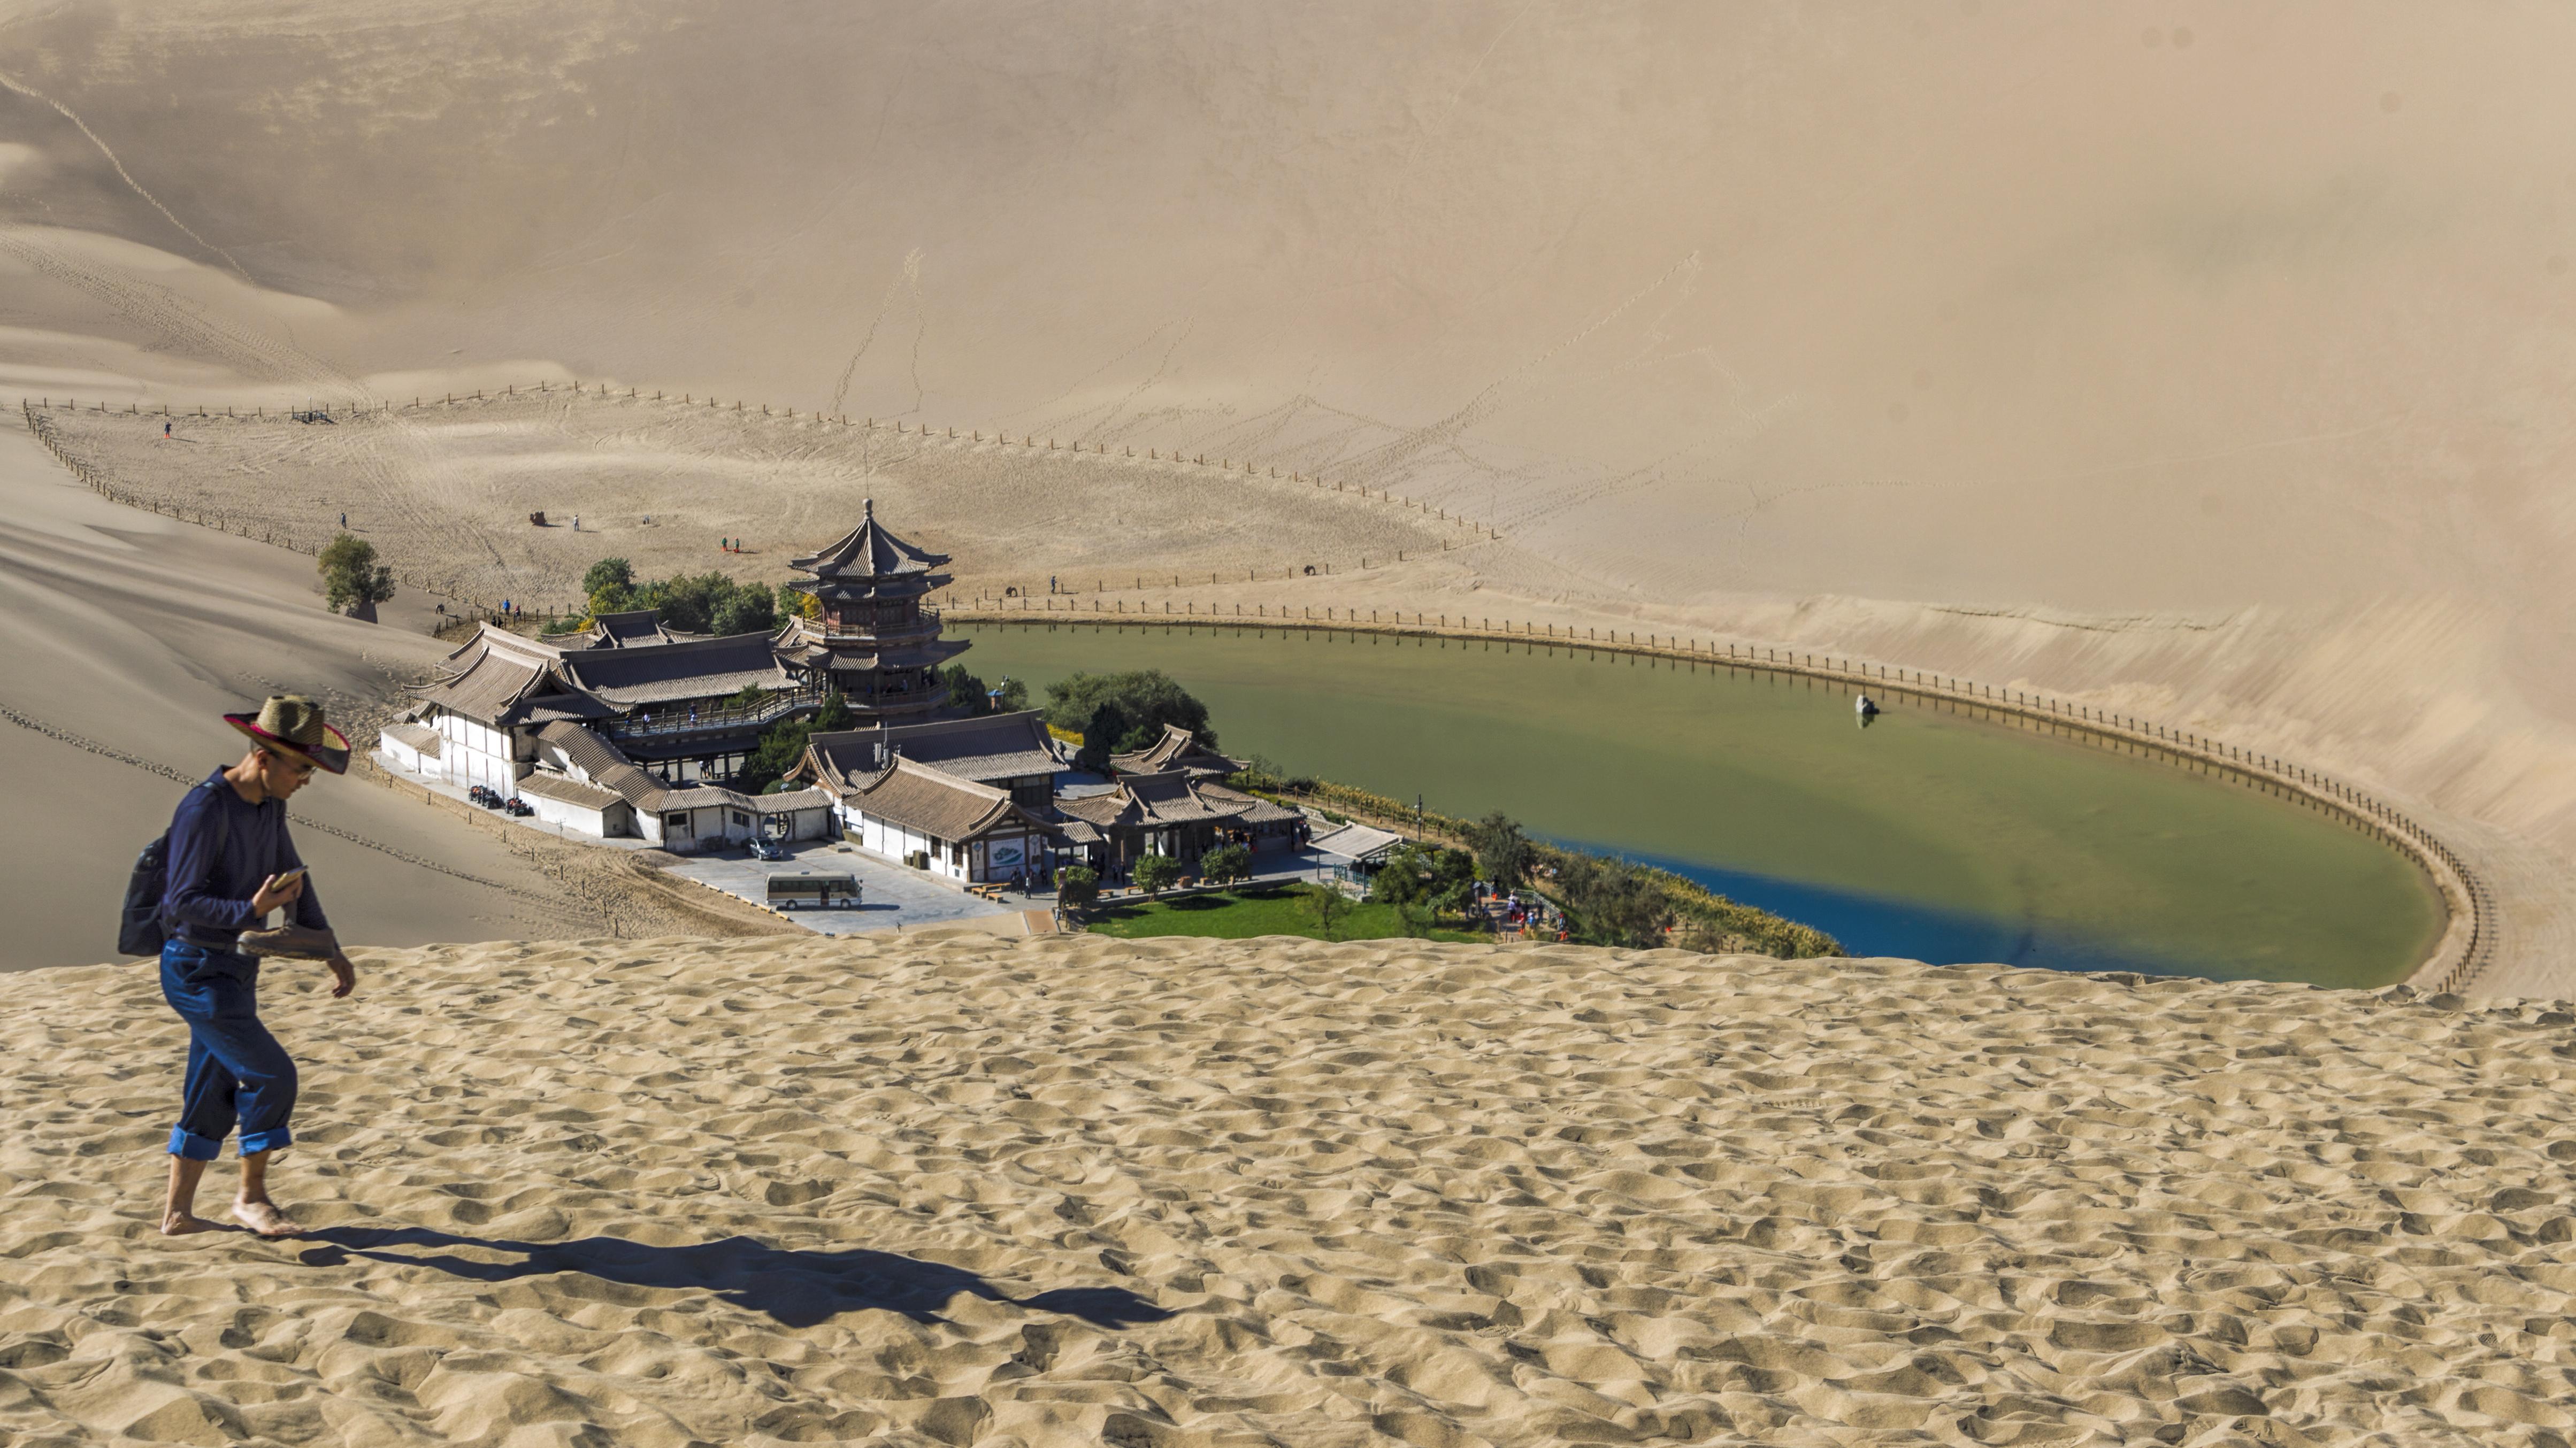 Дунхуан е град в северозападната провинция Гансу, Западен Китай. Градът е бил основна спирка на древните пътища и има стратегическа позиция на кръстопътя на Южния път на коприната и на главния път от Индия през Тибет и Монголия до Южен Сибир.